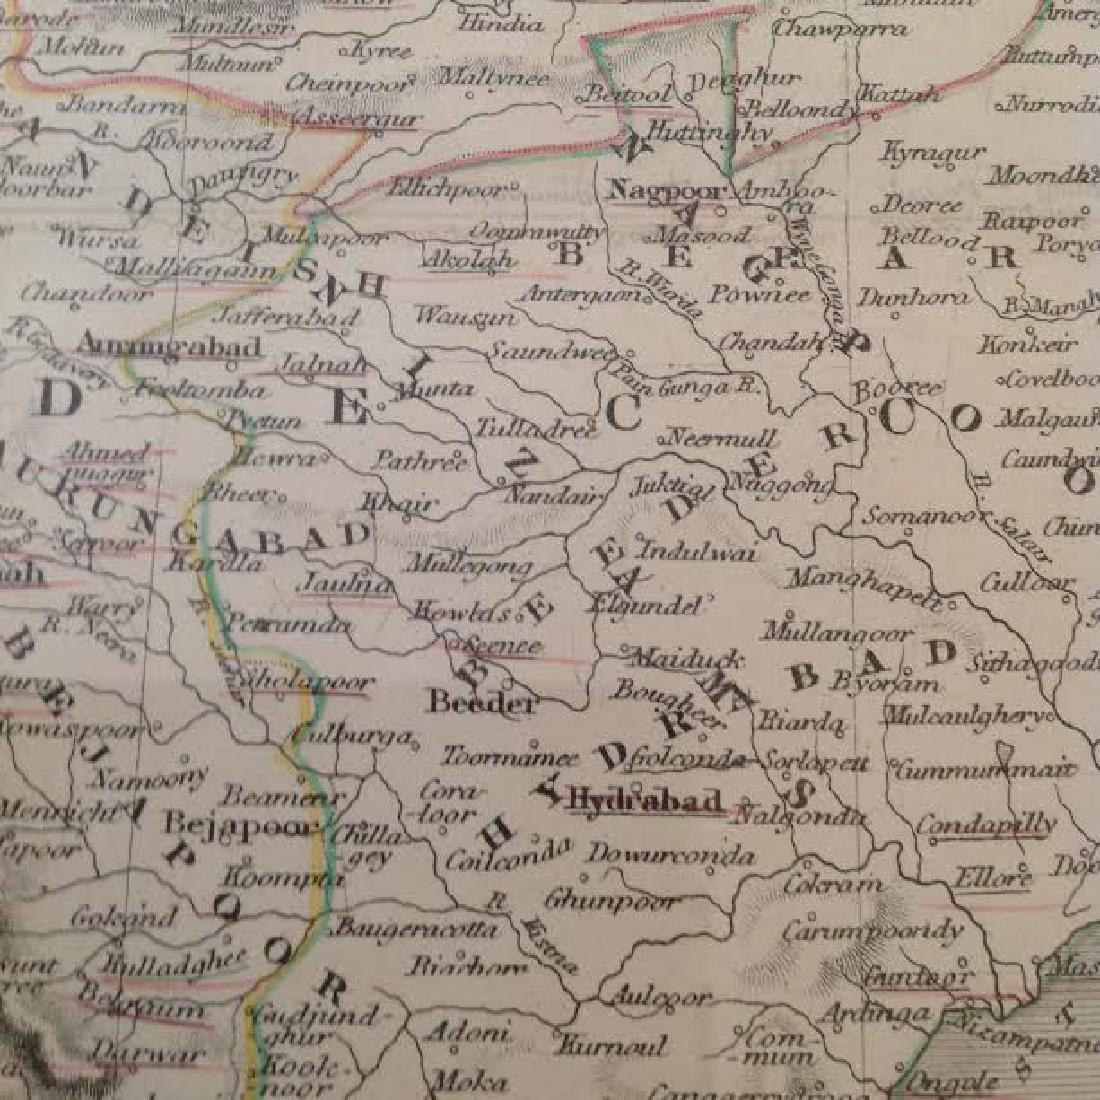 J Rapkin - Antique Map of British India - 3